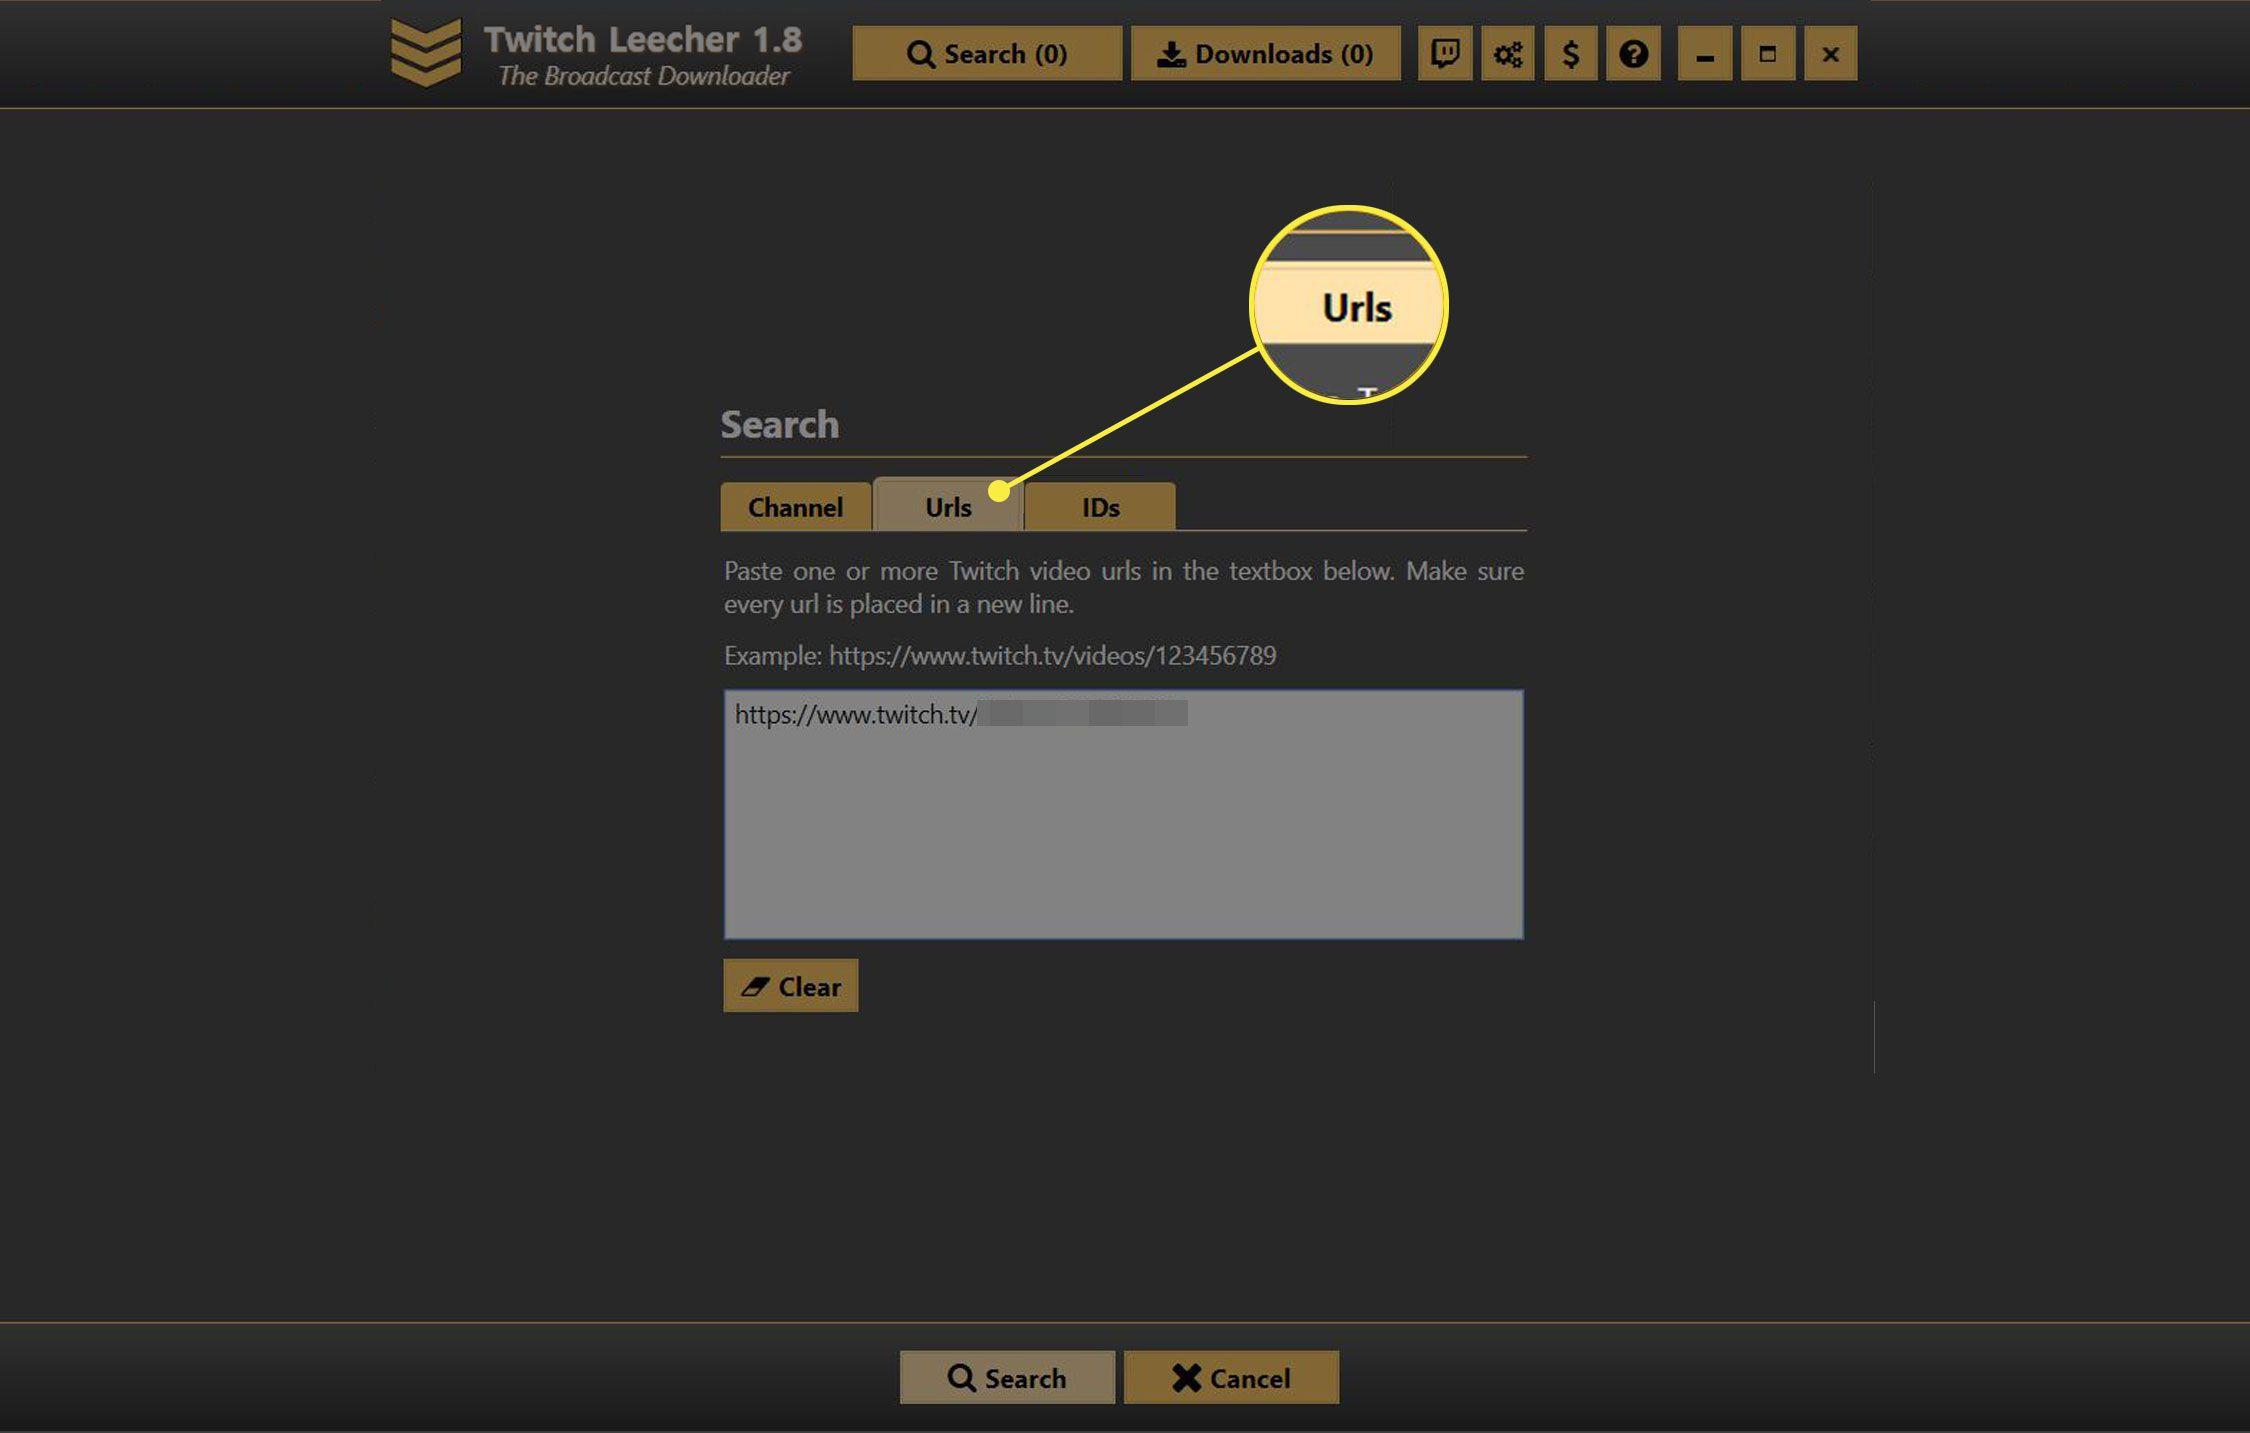 The URLs tab in Twitch Leecher